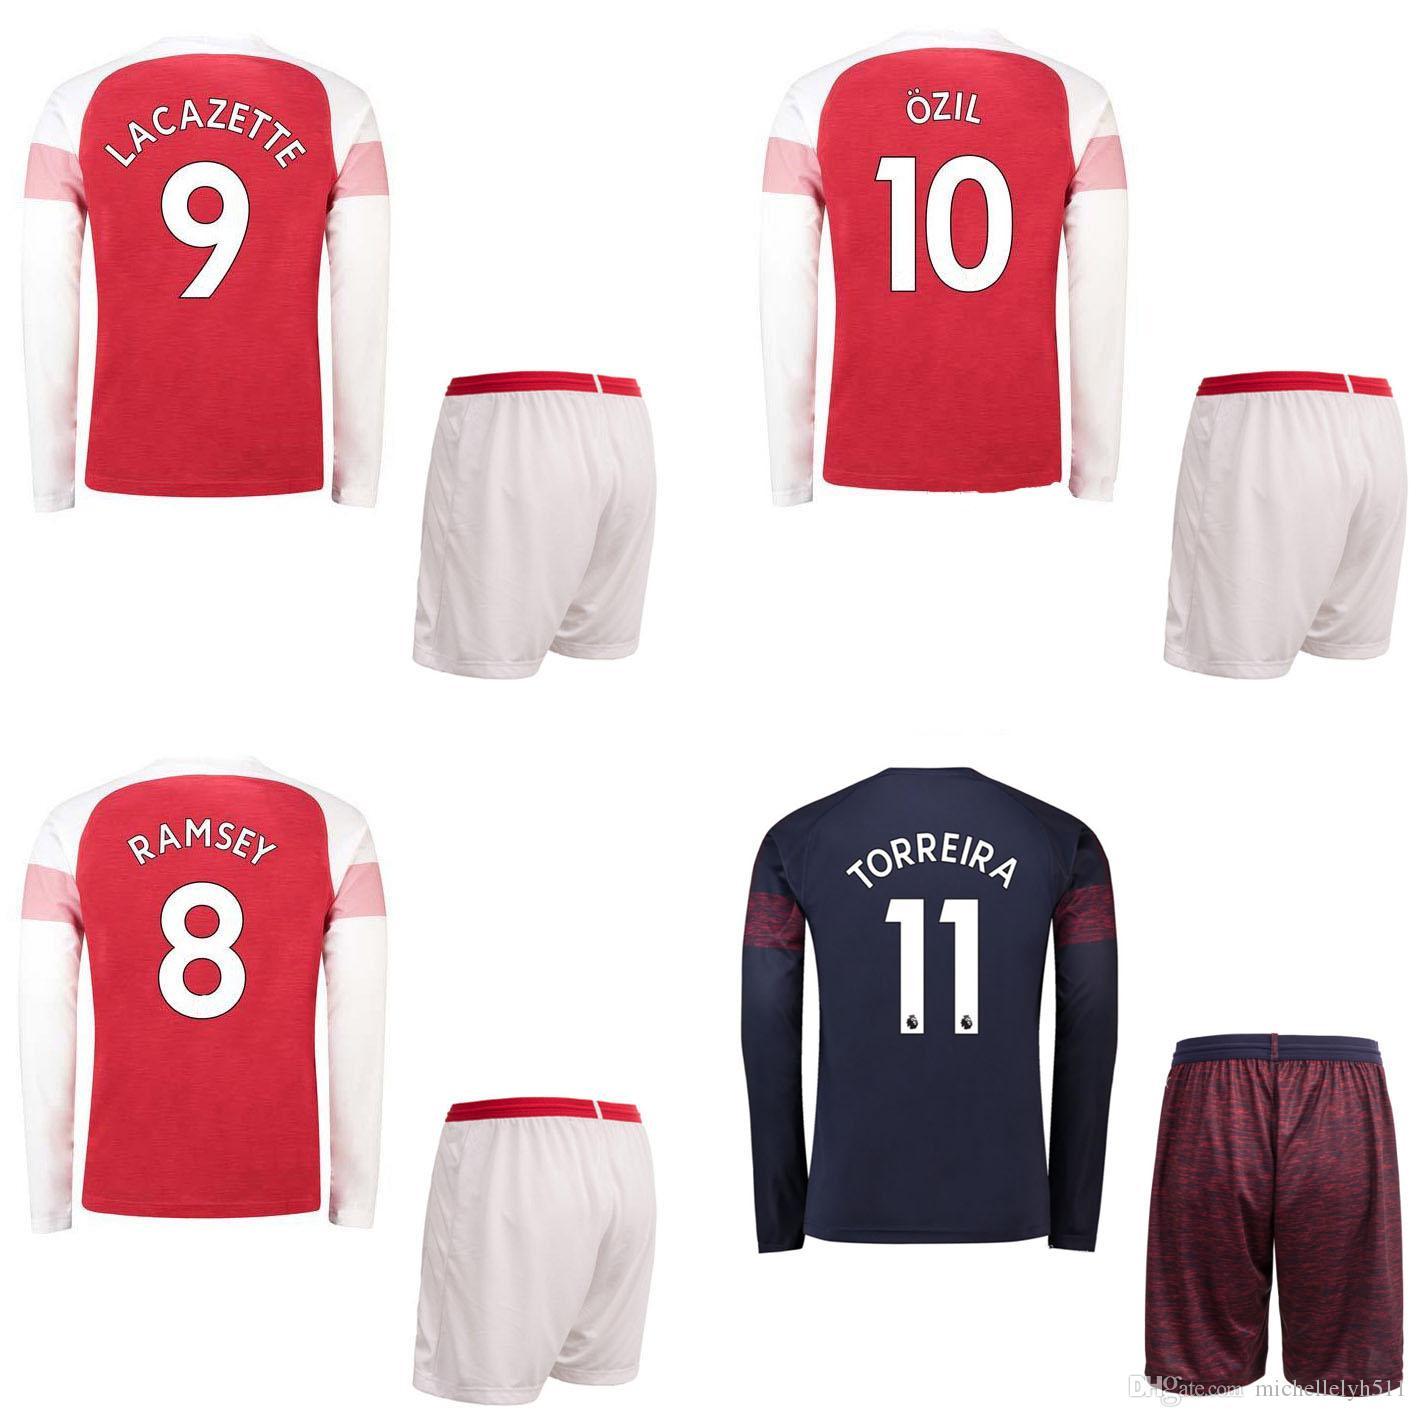 850be4e6d 18 19 ARS Henry Soccer Jersey Shorts OZIL AUBAMEYANG RAMSEY ...